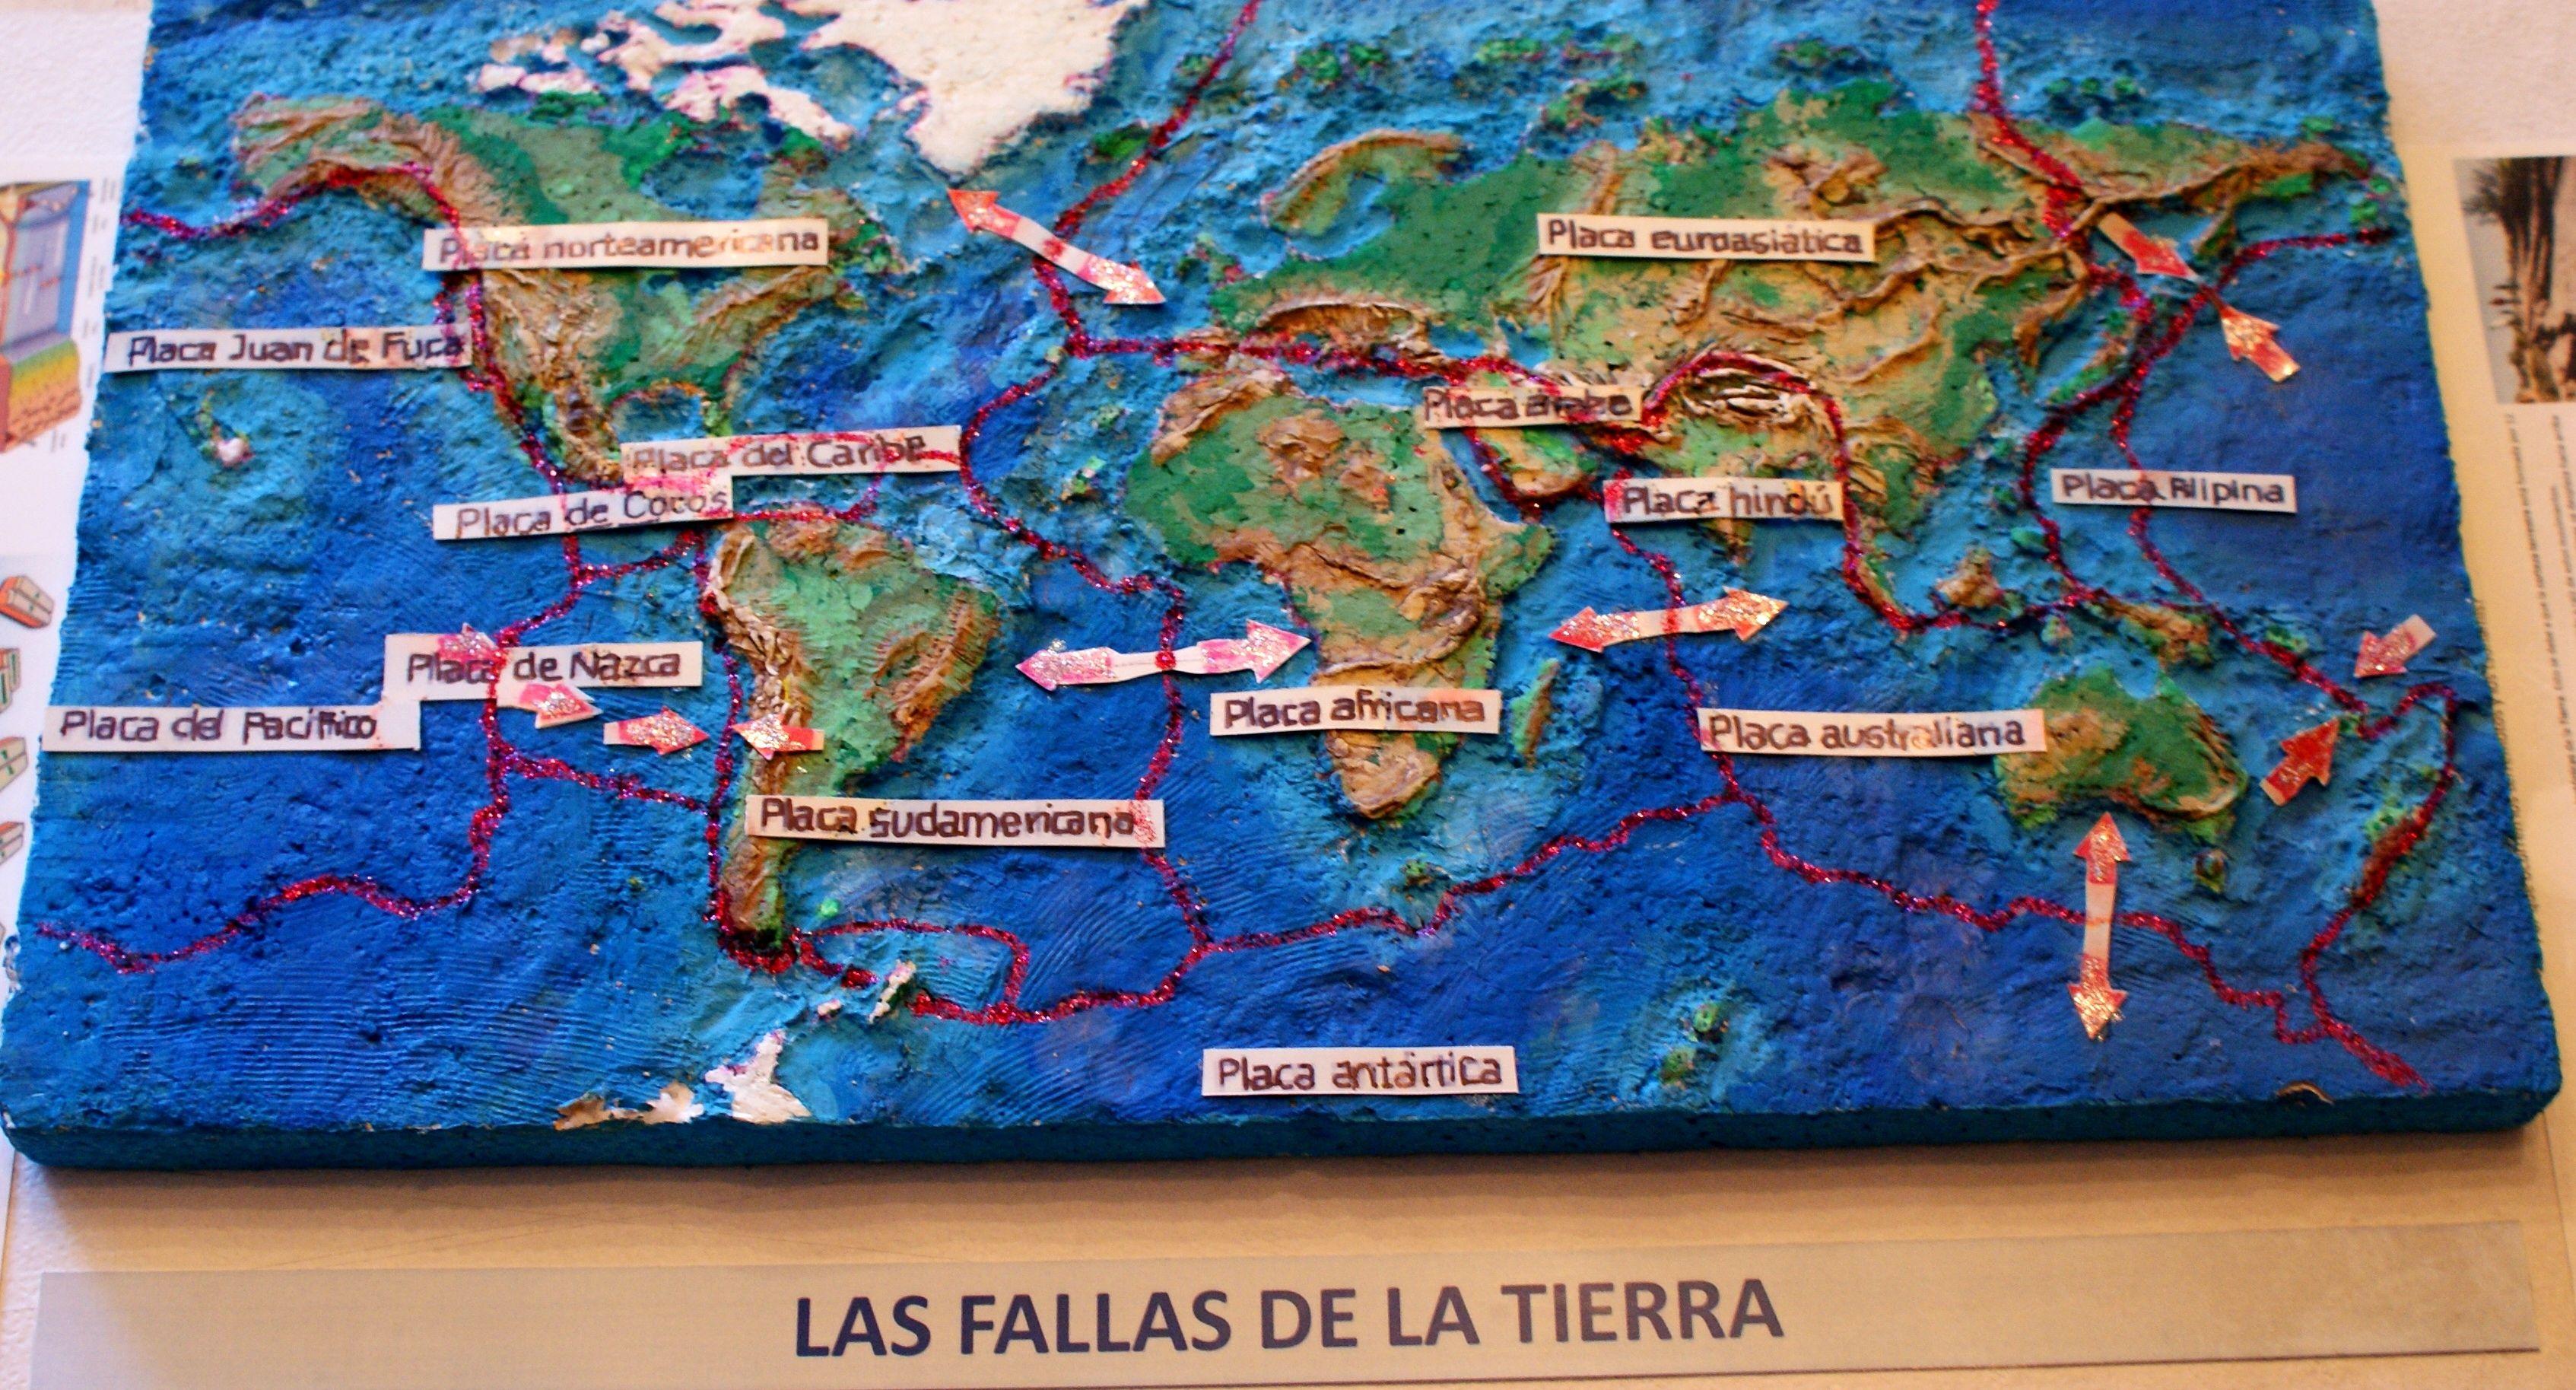 Maqueta De Las Placas De La Tierra Realizada En Base De